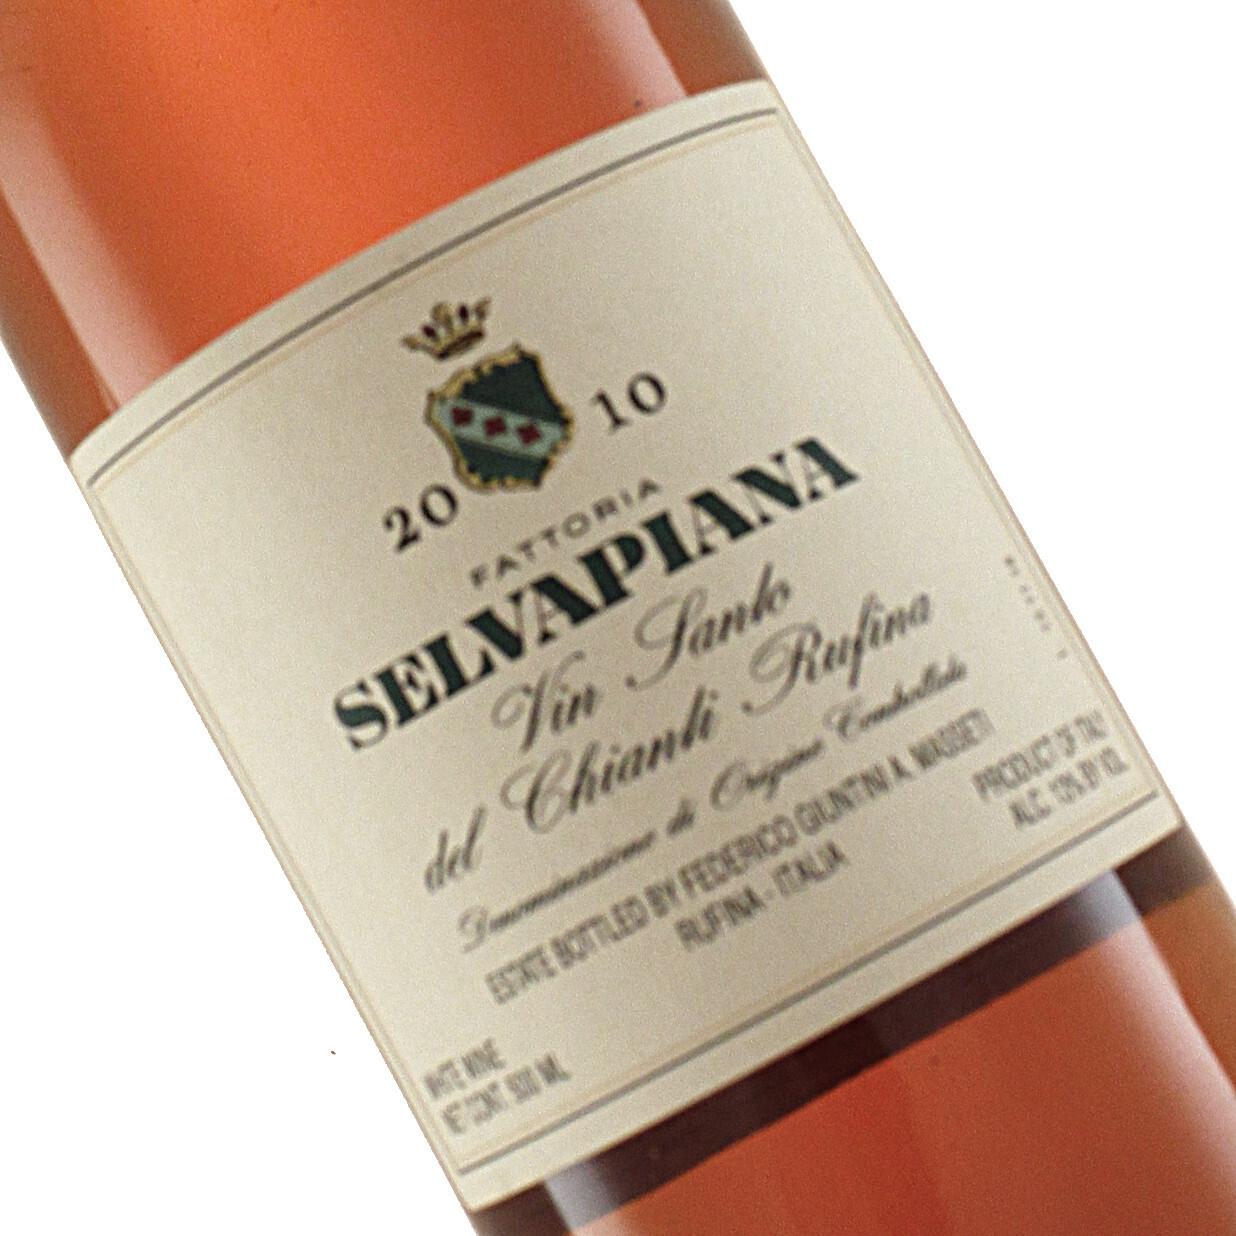 Fattoria Selvapiana Vin Santo del Chianti Rufina 2010 (500 ml)